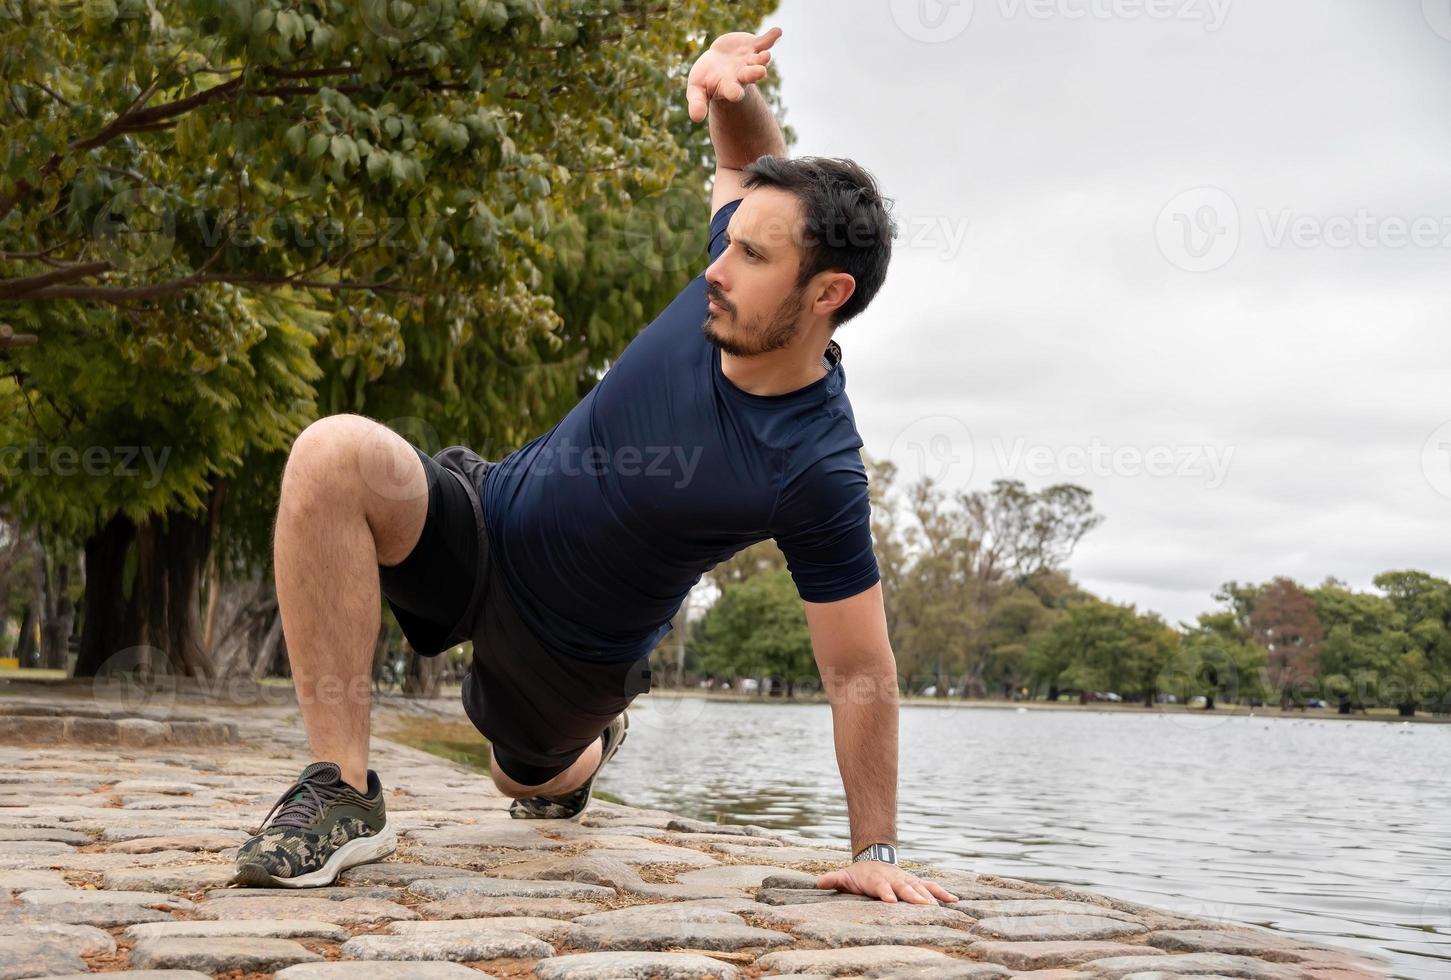 l'homme s'entraîne avec un entraînement de flux d'animaux pour élever son entraînement de poids corporel photo